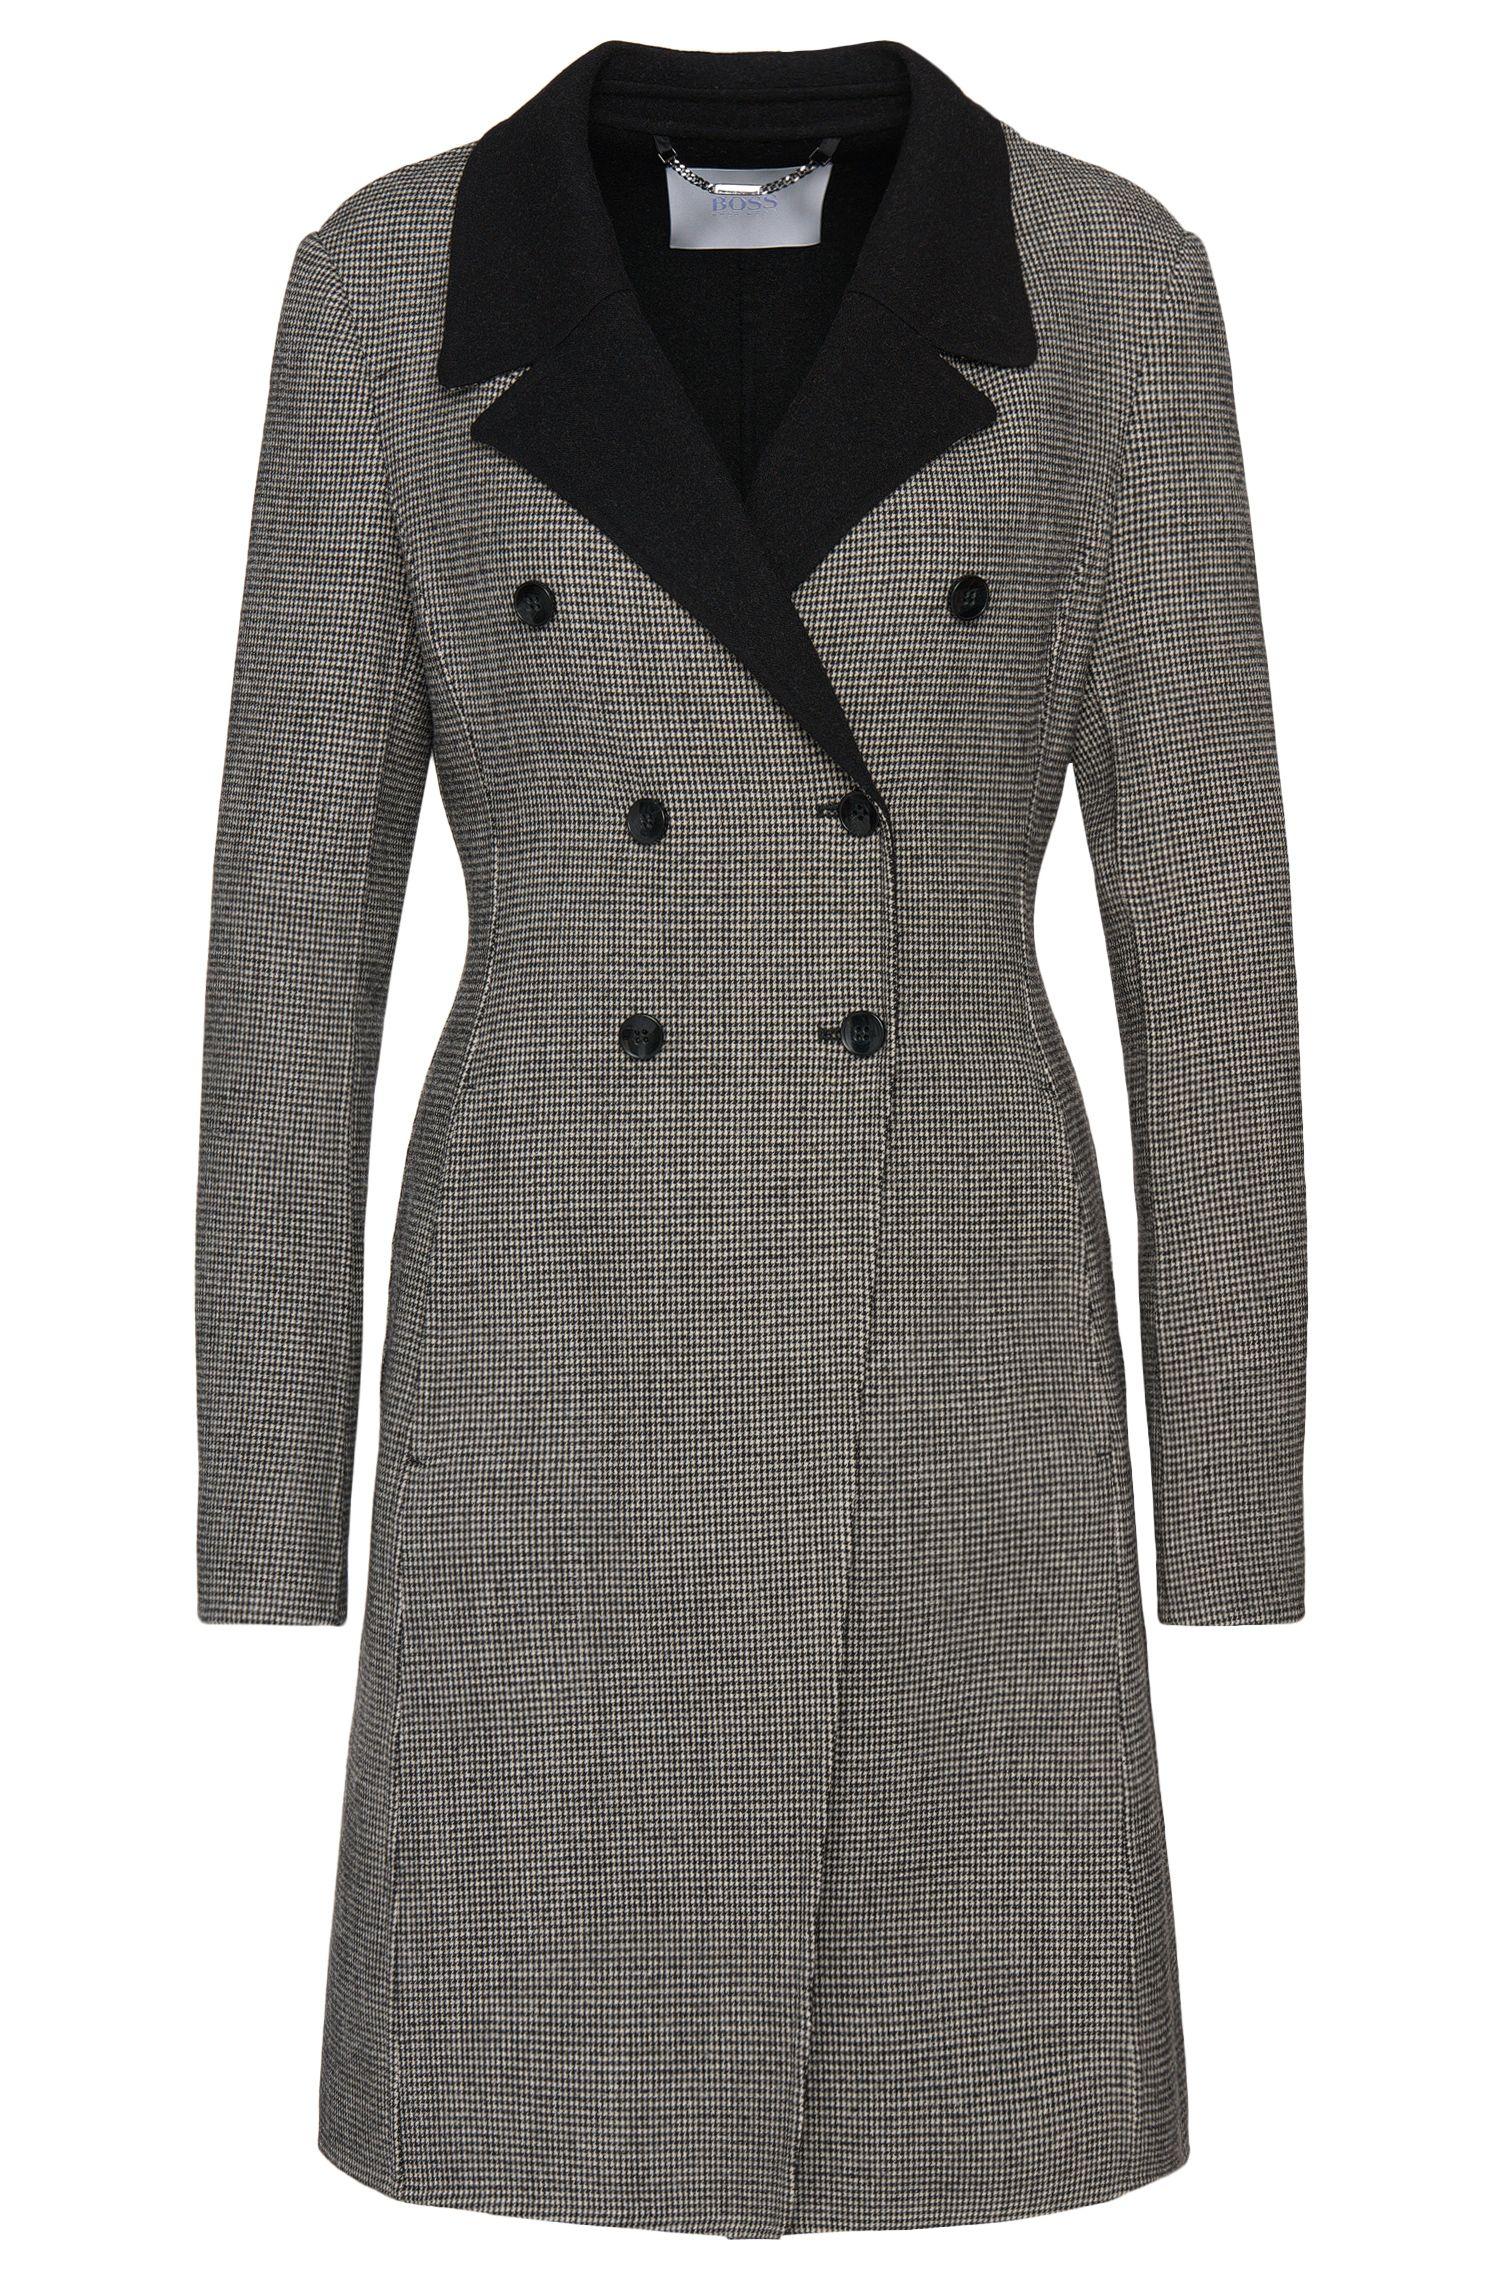 Mantel aus elastischem Woll-Mix mit Hahnentritt-Muster: 'Cucina1'